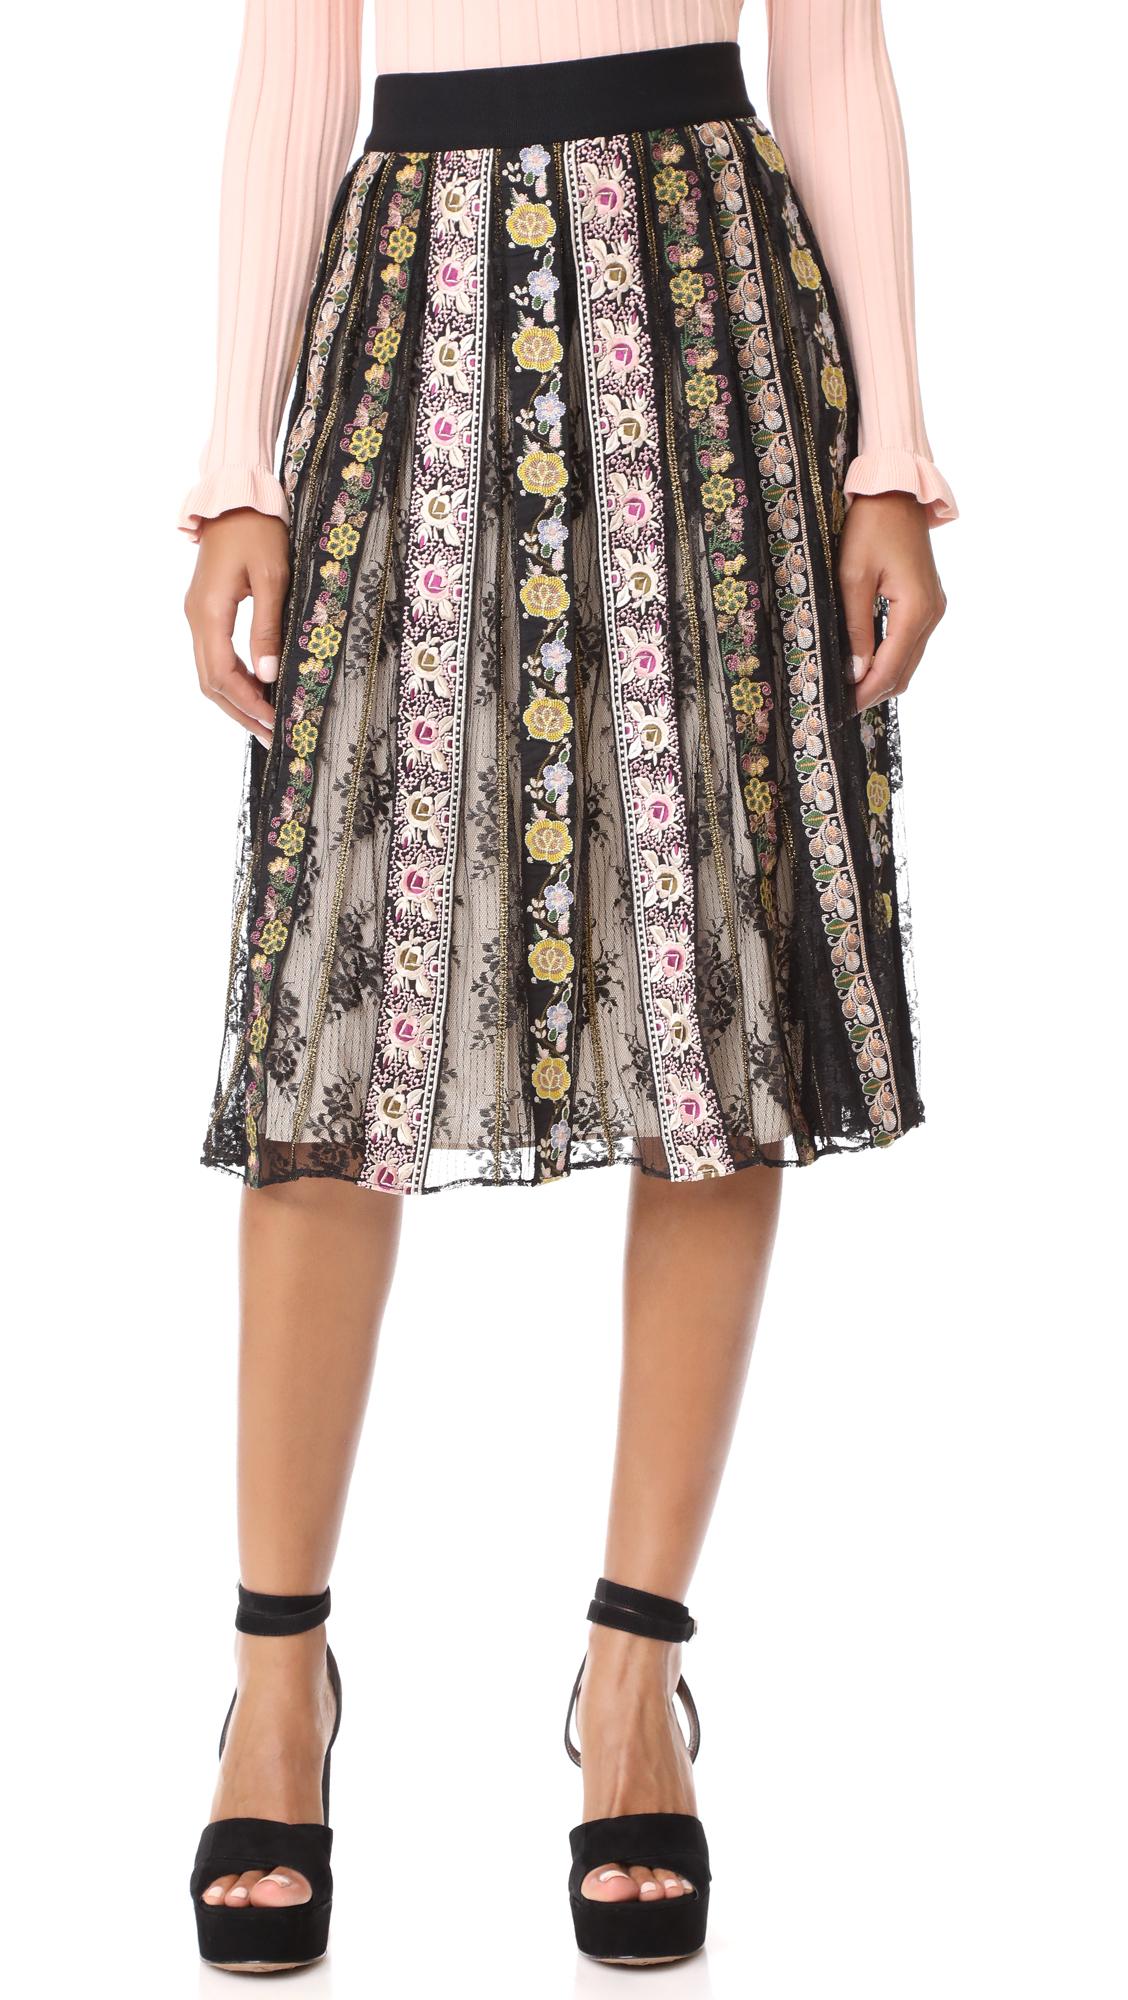 alice + olivia Birdie Embroidered Skirt - Black/Multi